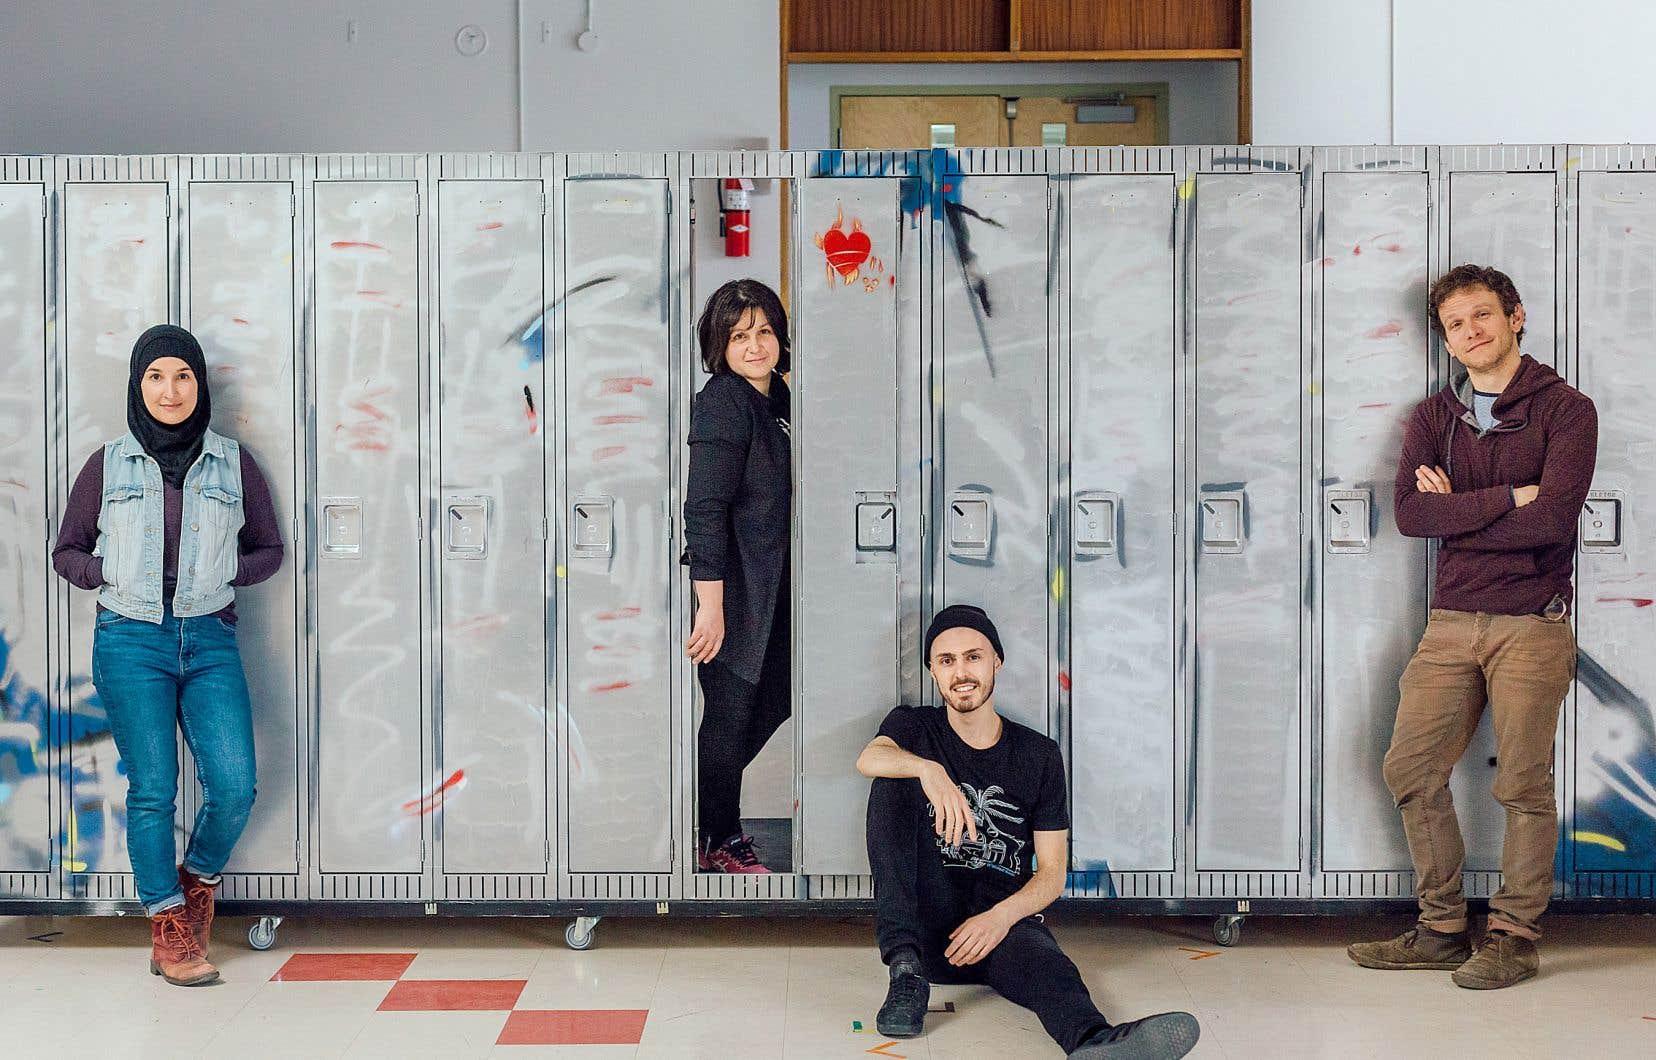 Les comédiens (de gauche à droite) Sounia Balha, Ahmad Hamdan et Maxime Desjardins, et la dramaturge Talia Hallmona pour la pièce de théâtre «Olivier et Jamila»